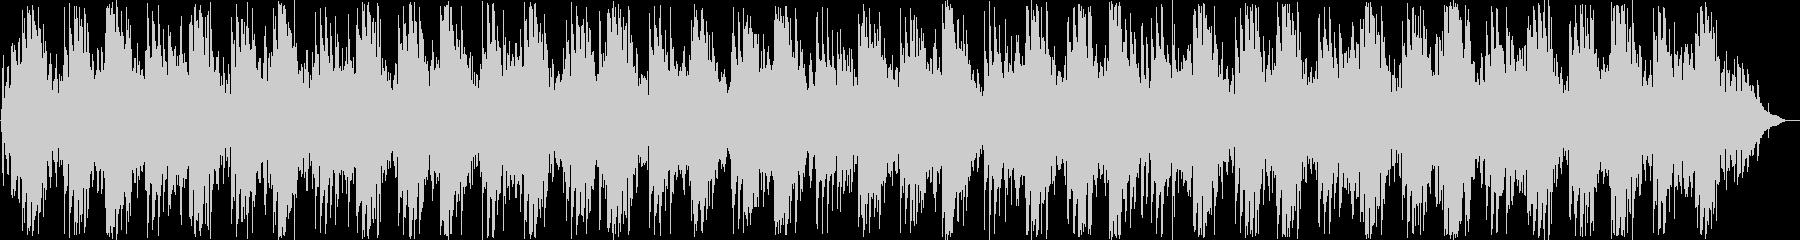 美しいシンセ・ピアノサウンドの未再生の波形